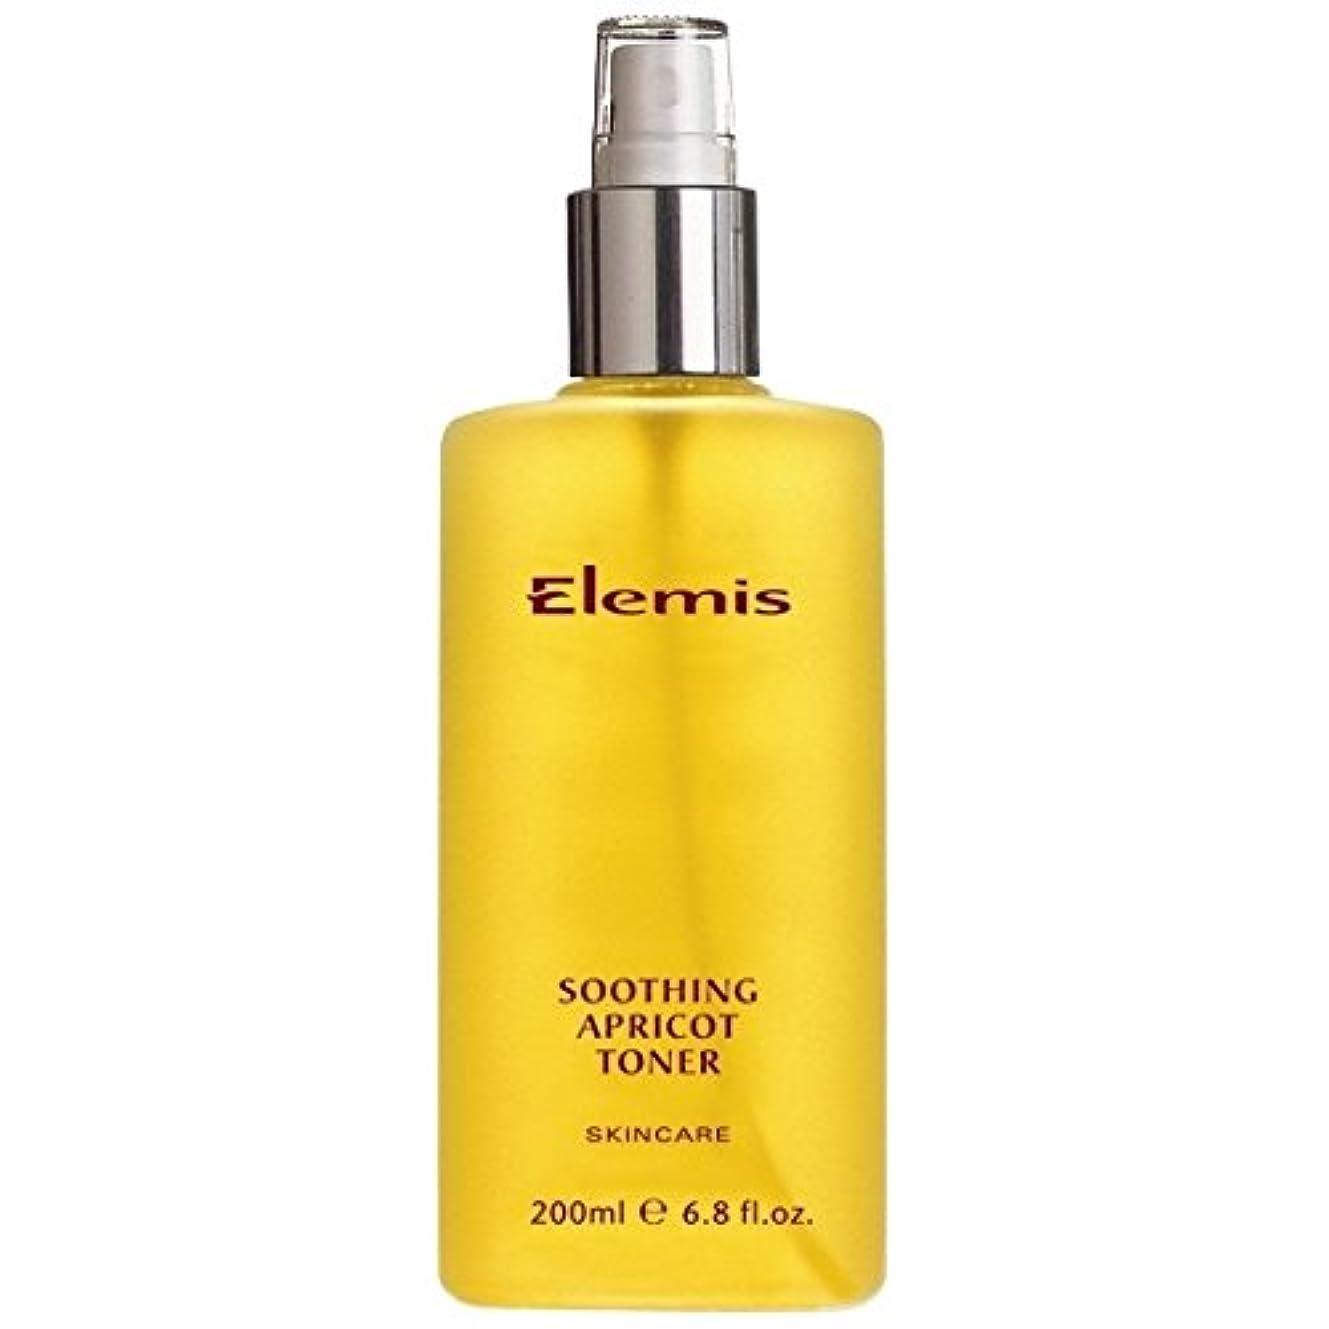 パイプ避けられない明快エレミスはなだめるようなアプリコットトナーをスキンケア (Elemis) - Elemis Skincare Soothing Apricot Toner [並行輸入品]